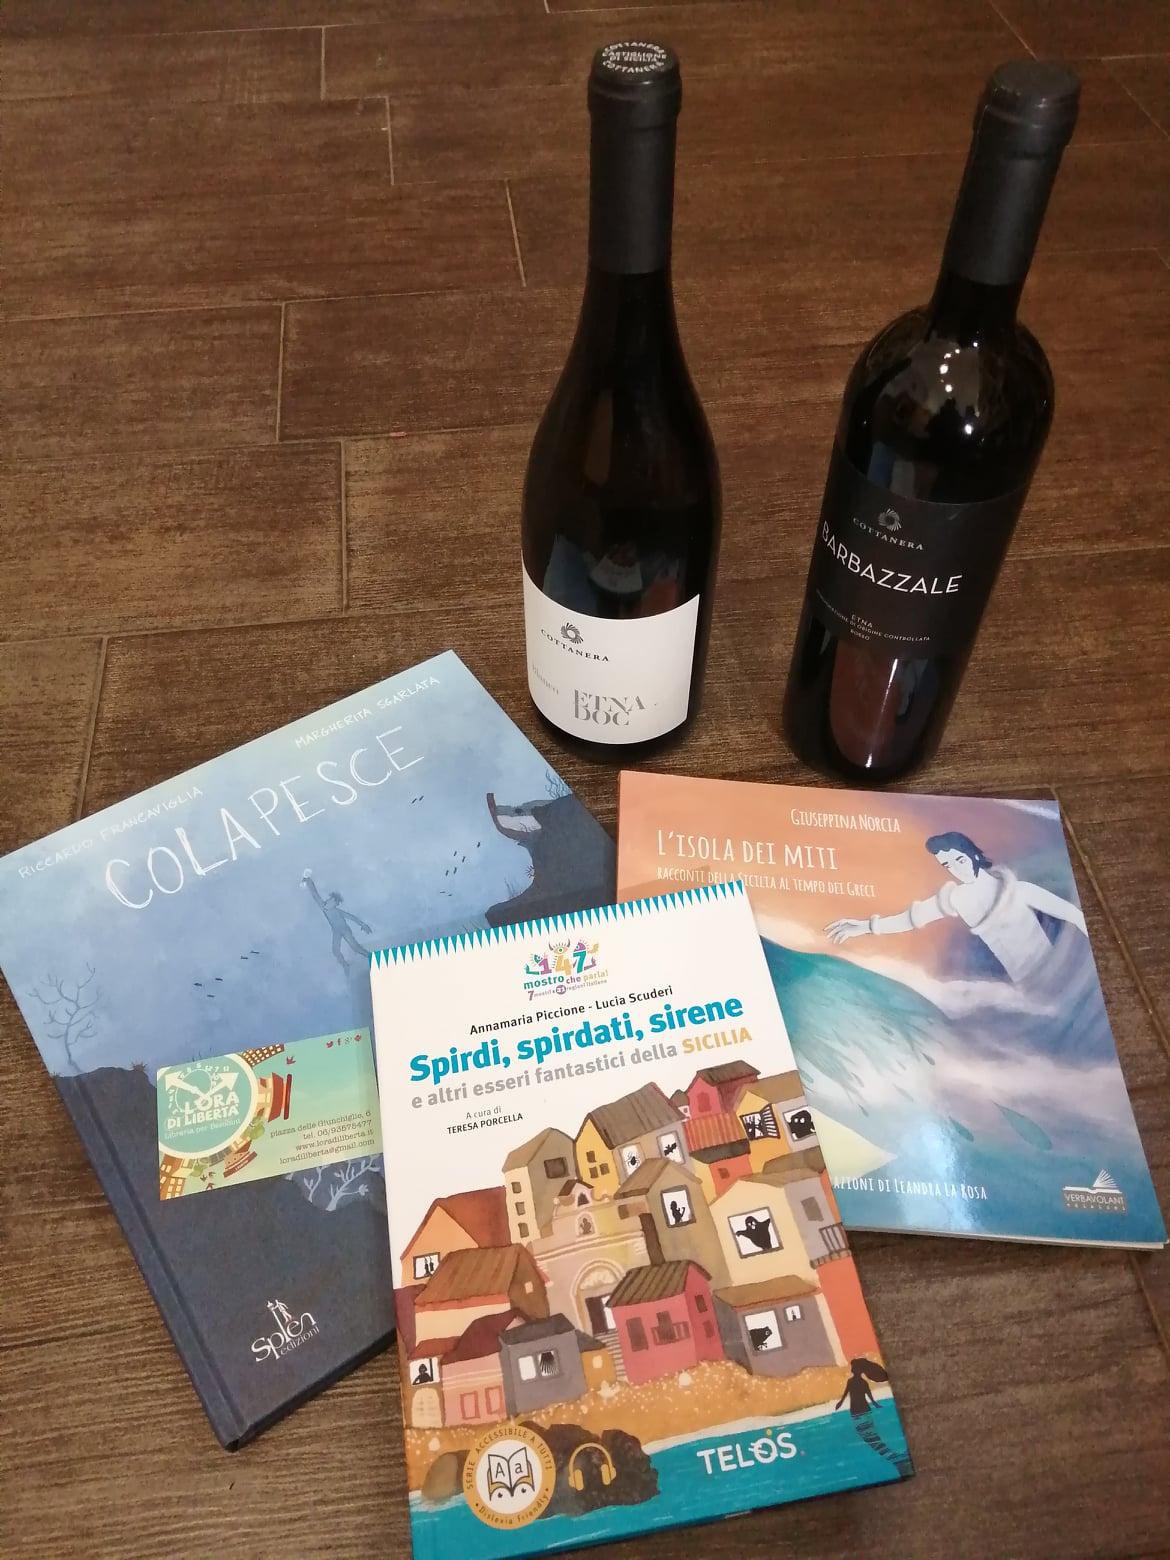 Libri e vino, spritz e giochi, una proposta che pensa a tutta la famiglia!